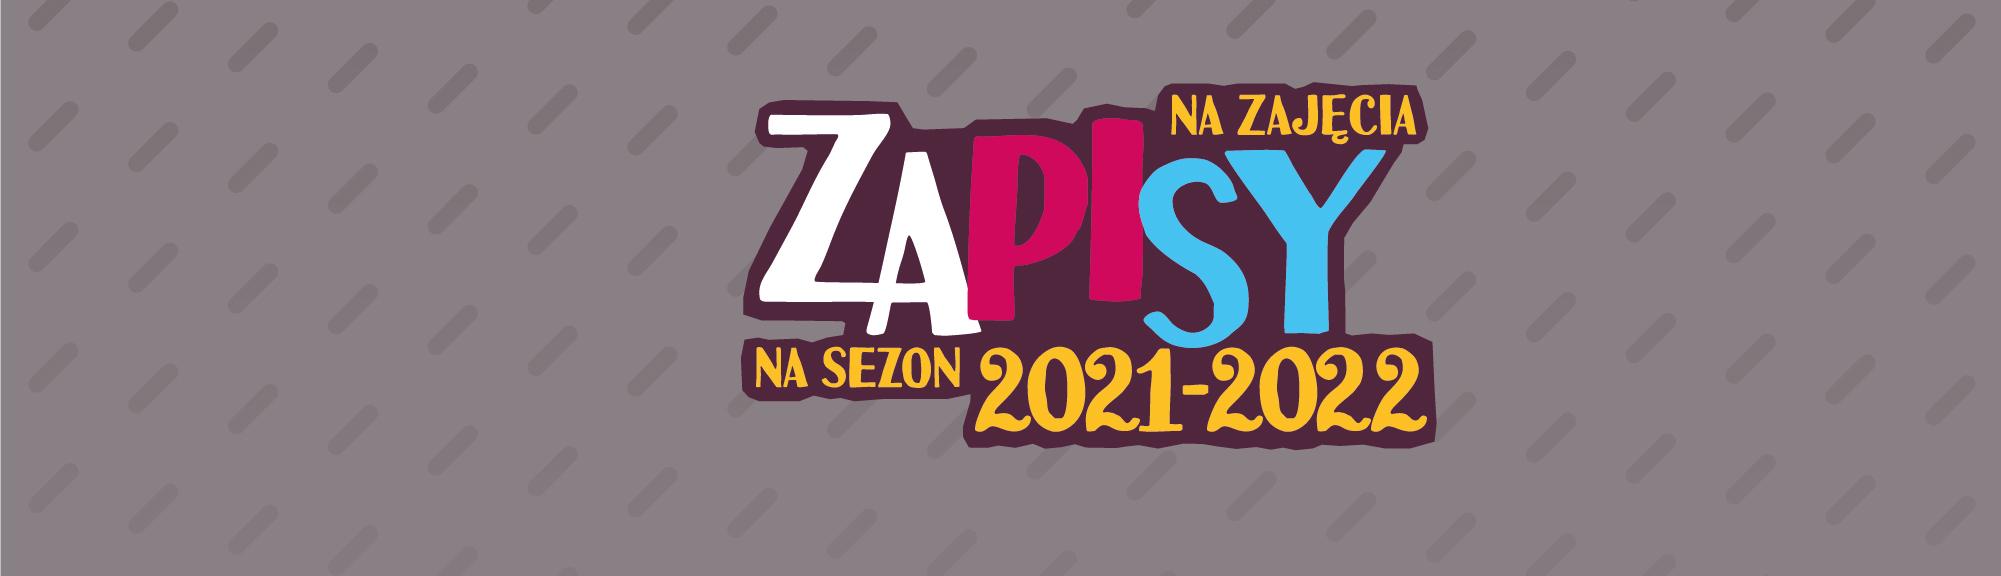 Zajęcia w sezonie kulturalnym 2021/2022 – zapisy i informacje